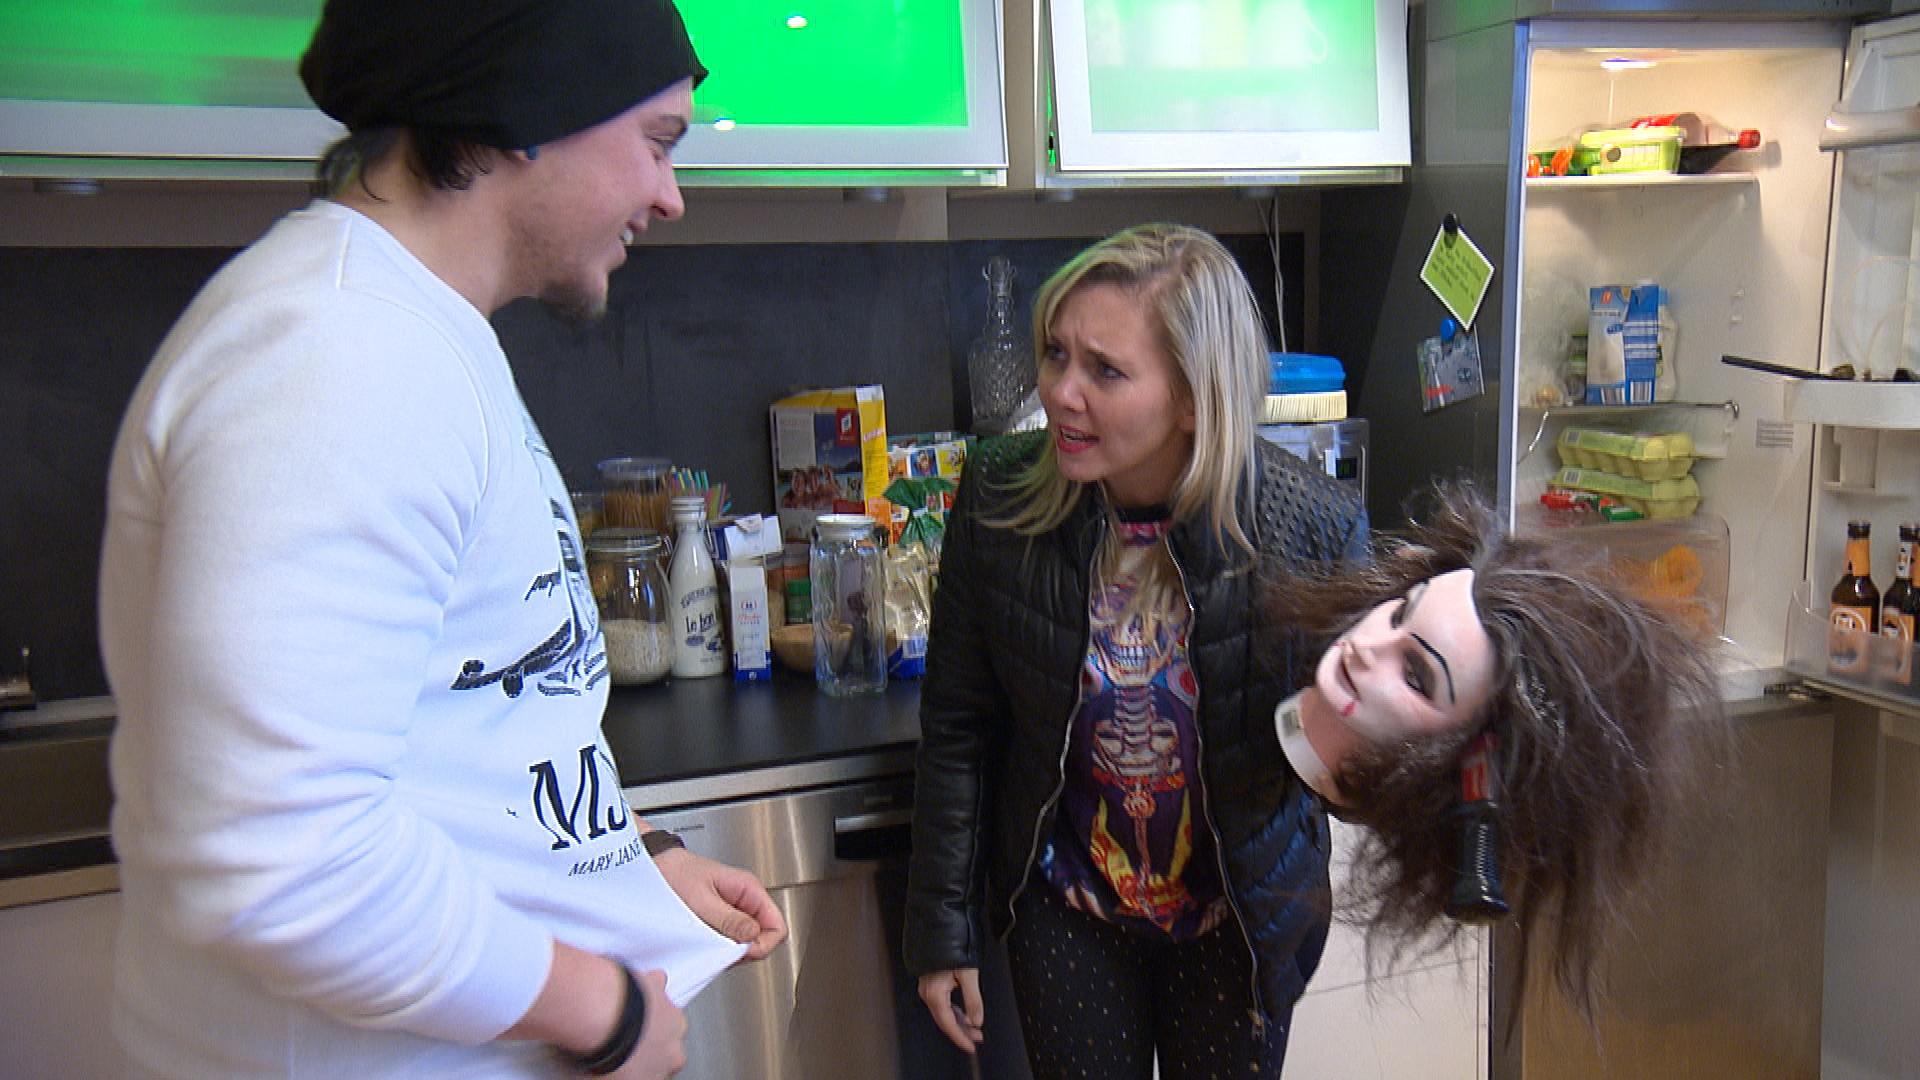 Erst als sogar Michelle findet, dass seine Eifersucht auf Chris zu weit geht, kommt er ins Grübeln. Kevin beschließt, Chantal gute Laune zu bereiten. Leider kann sie sich weder für die Frisierpuppe als Horrormaske begeistern, noch für angebranntes Mittagessen. (Quelle: RTL 2)